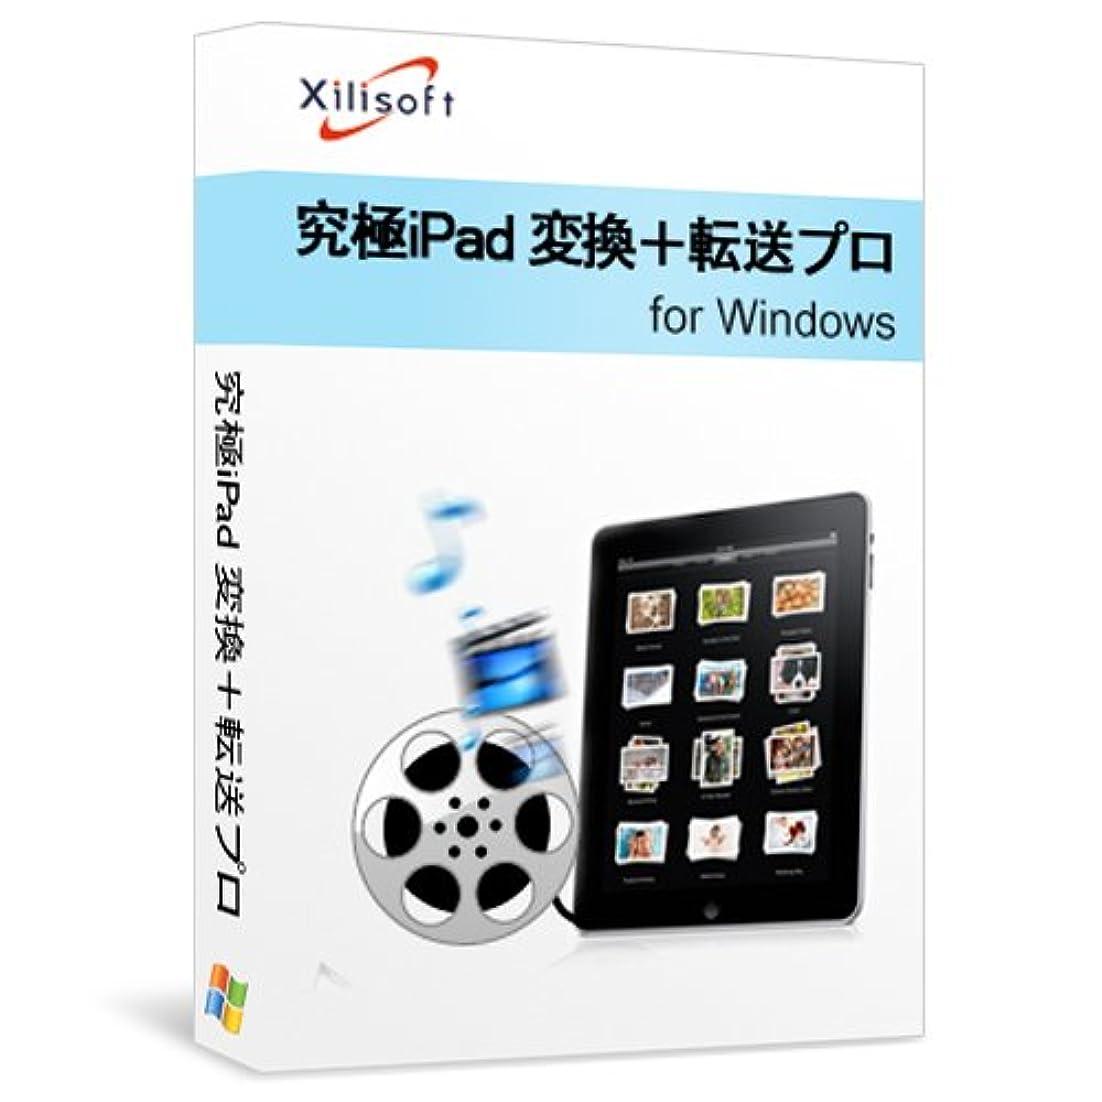 不適当仕立て屋負Xilisoft 究極iPad 変換+転送プロ [ダウンロード]